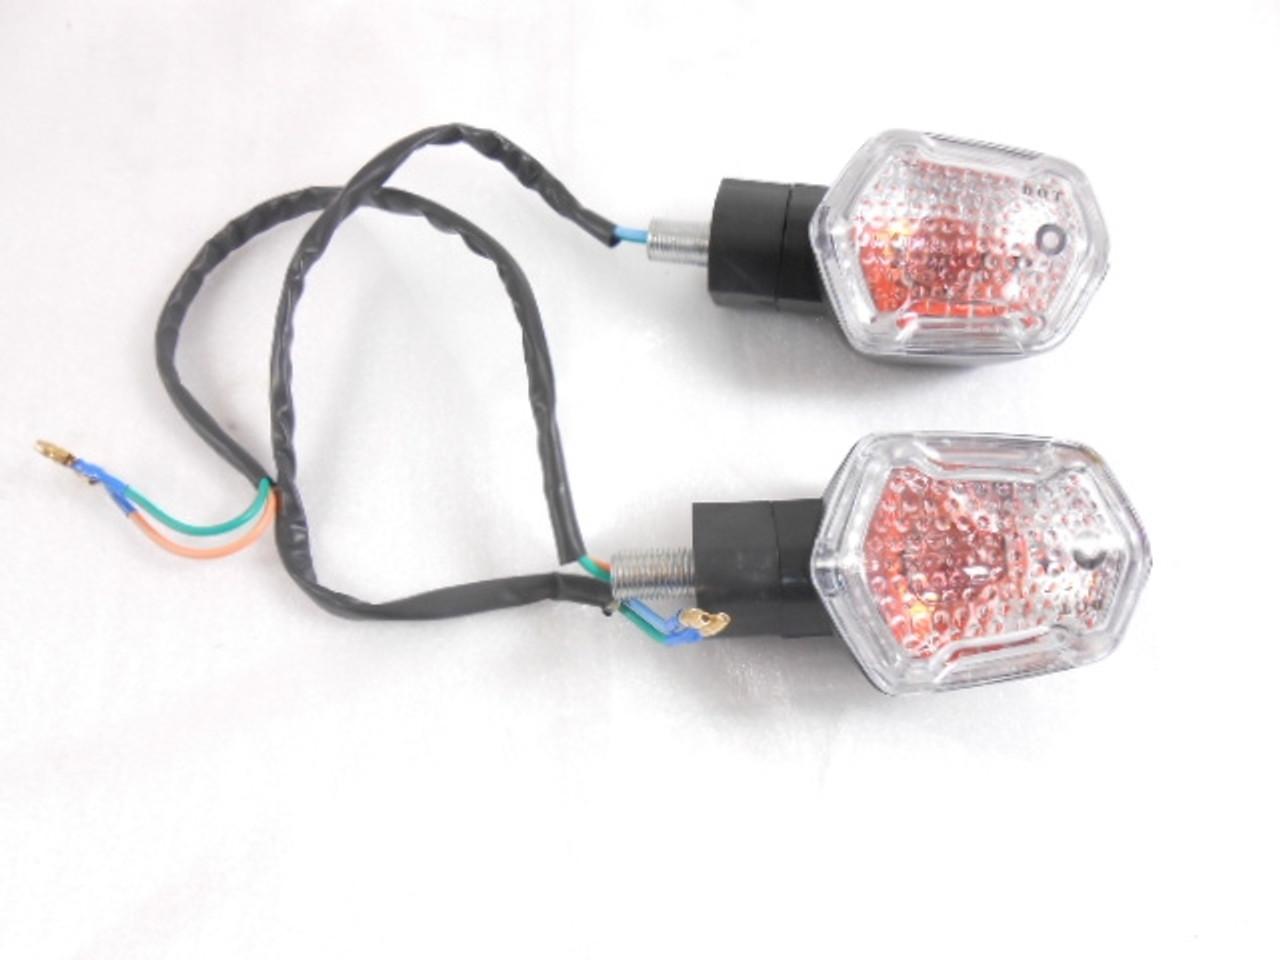 signal light set 10674-a38-8